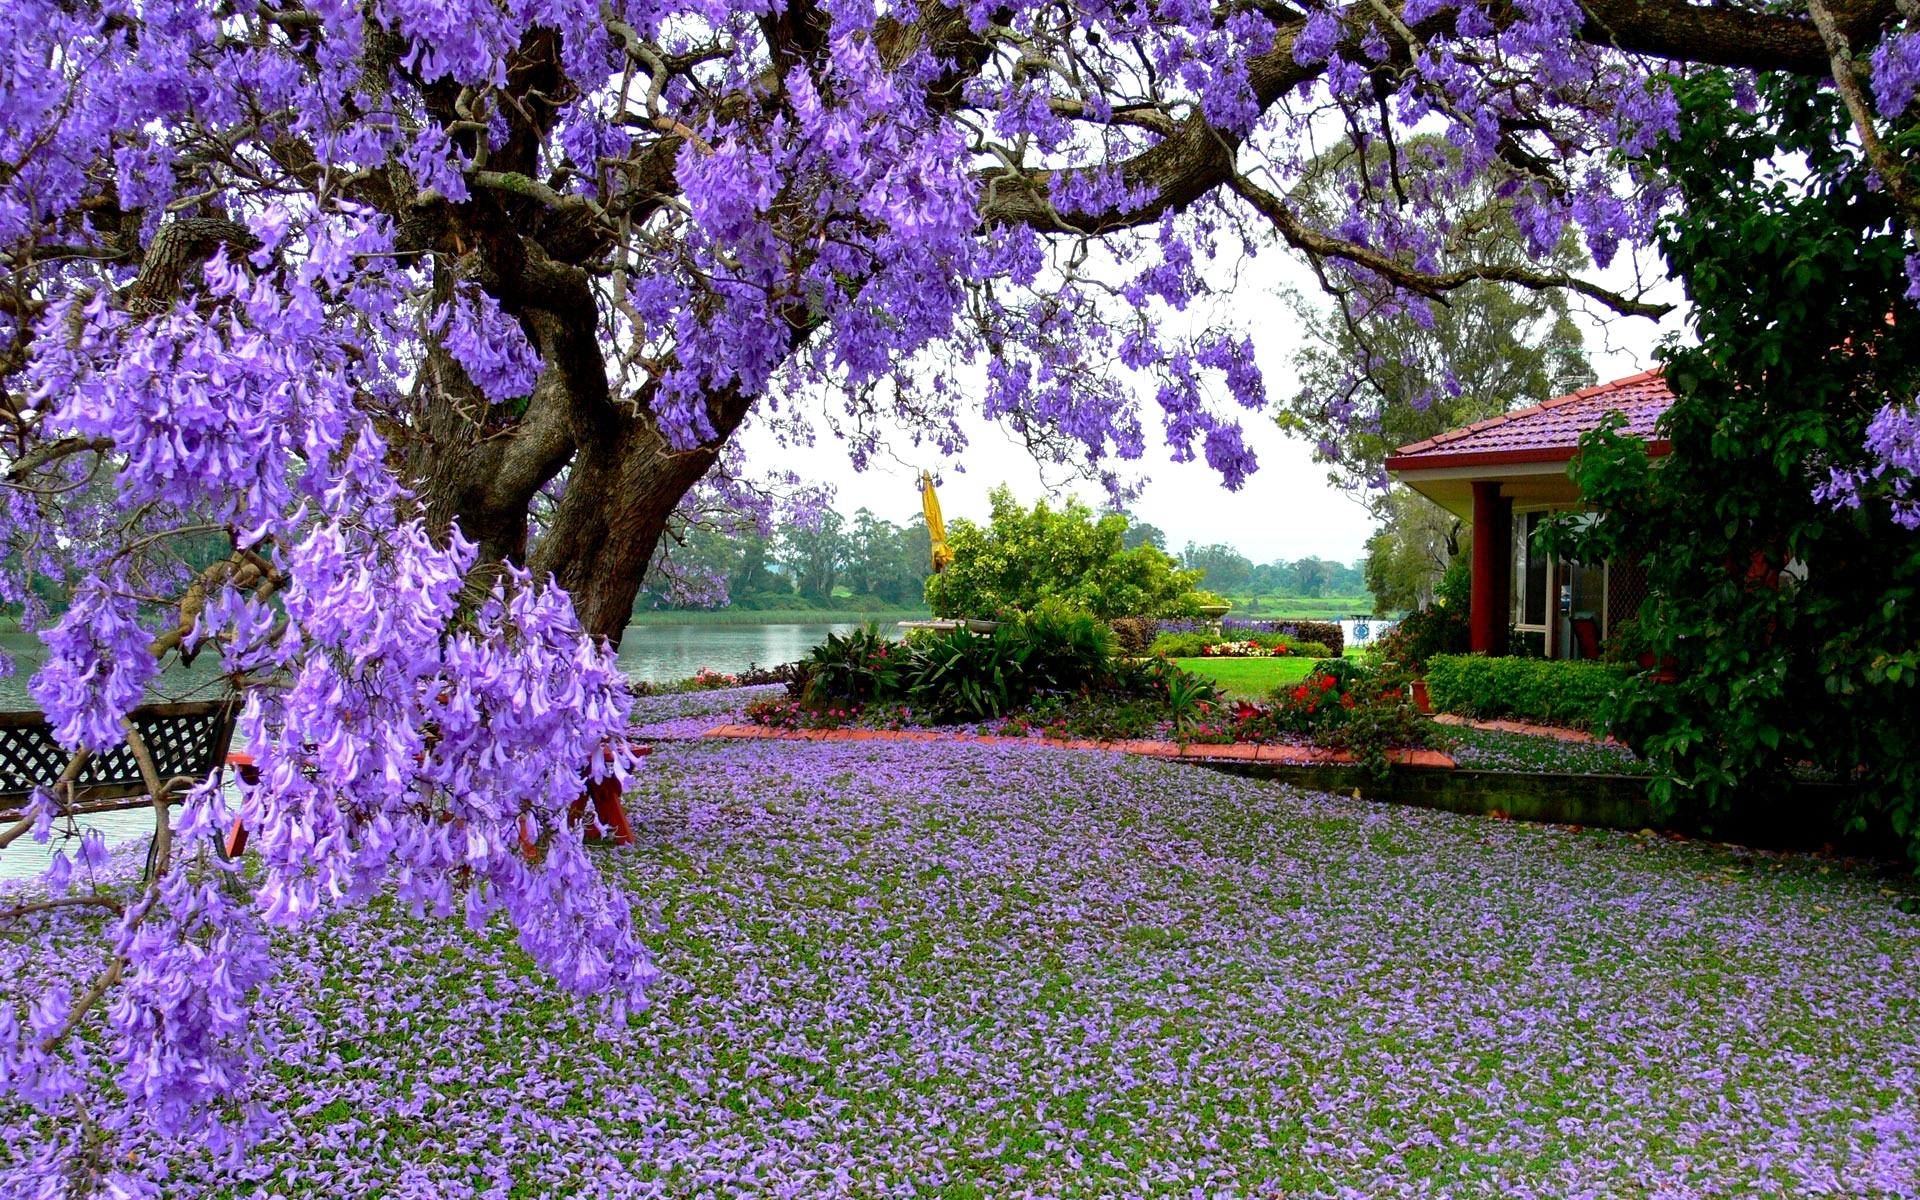 Wallpaper Nature Spring HD Desktop I HD Images 1920x1200